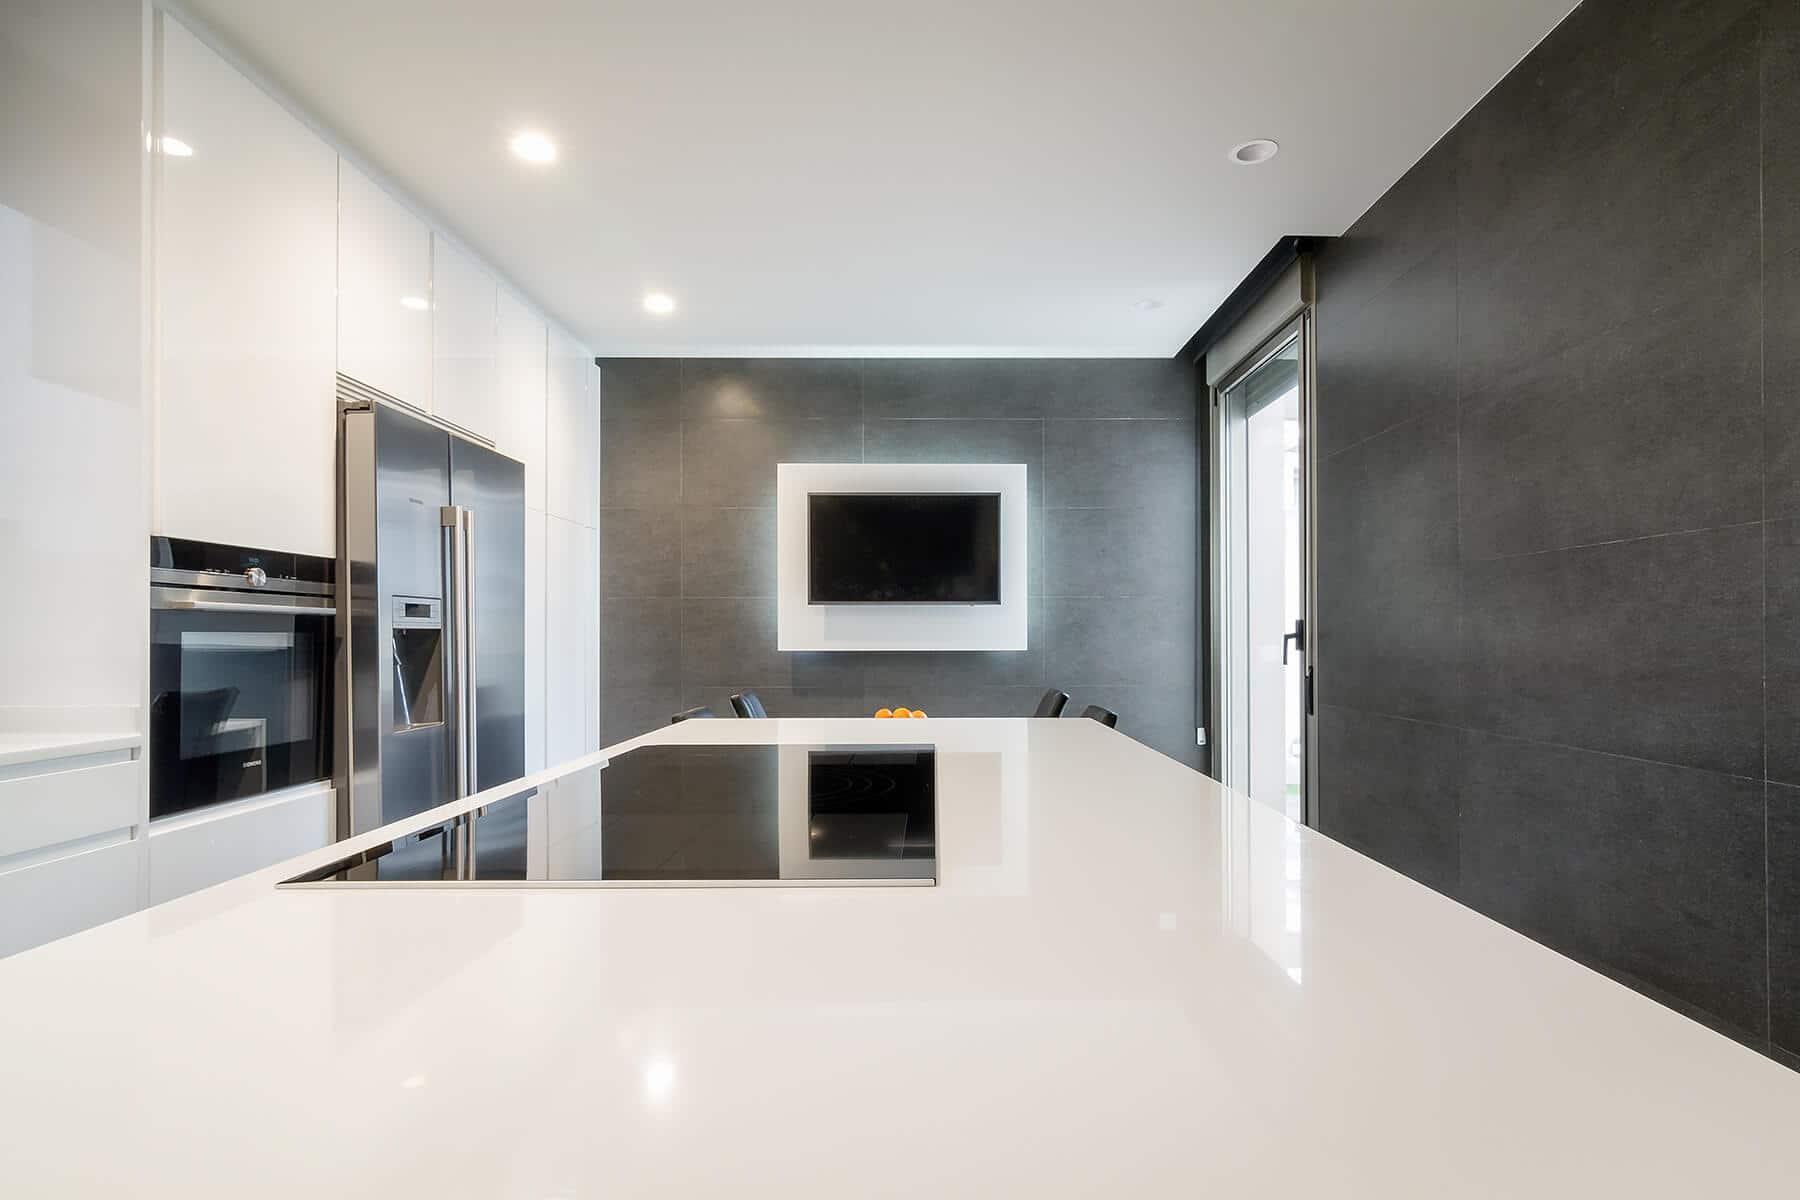 Cocina Hölst blanca con isla que combina con las paredes pizarra grises - muebles de cocina